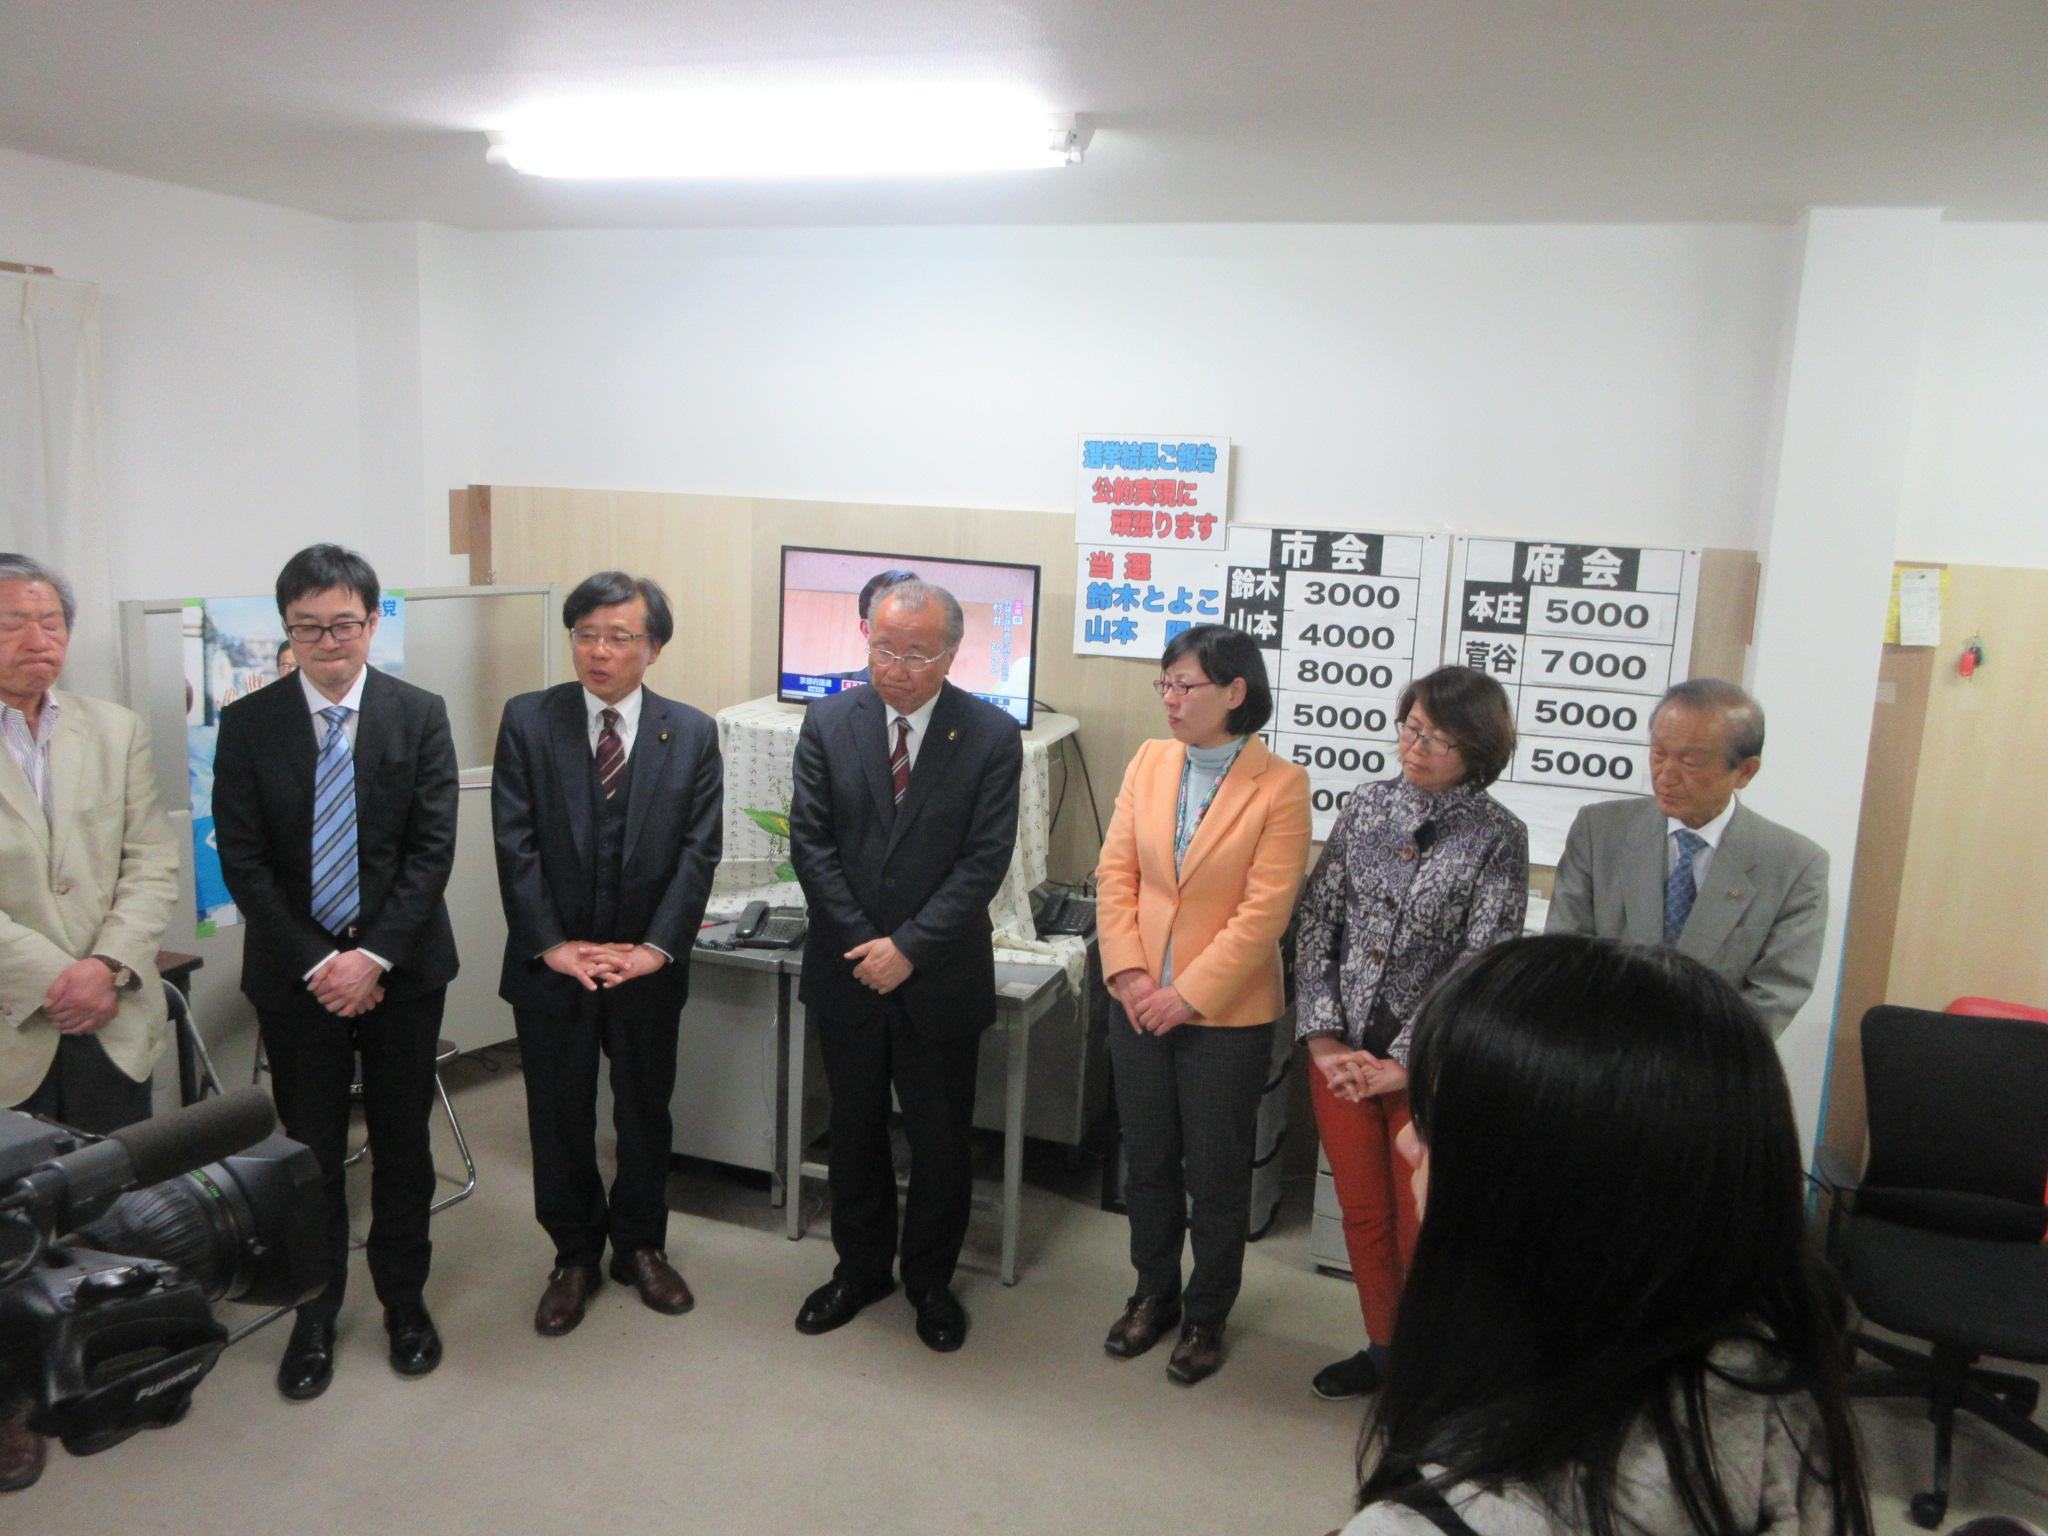 http://www.inoue-satoshi.com/diary/IMG_9028.JPG